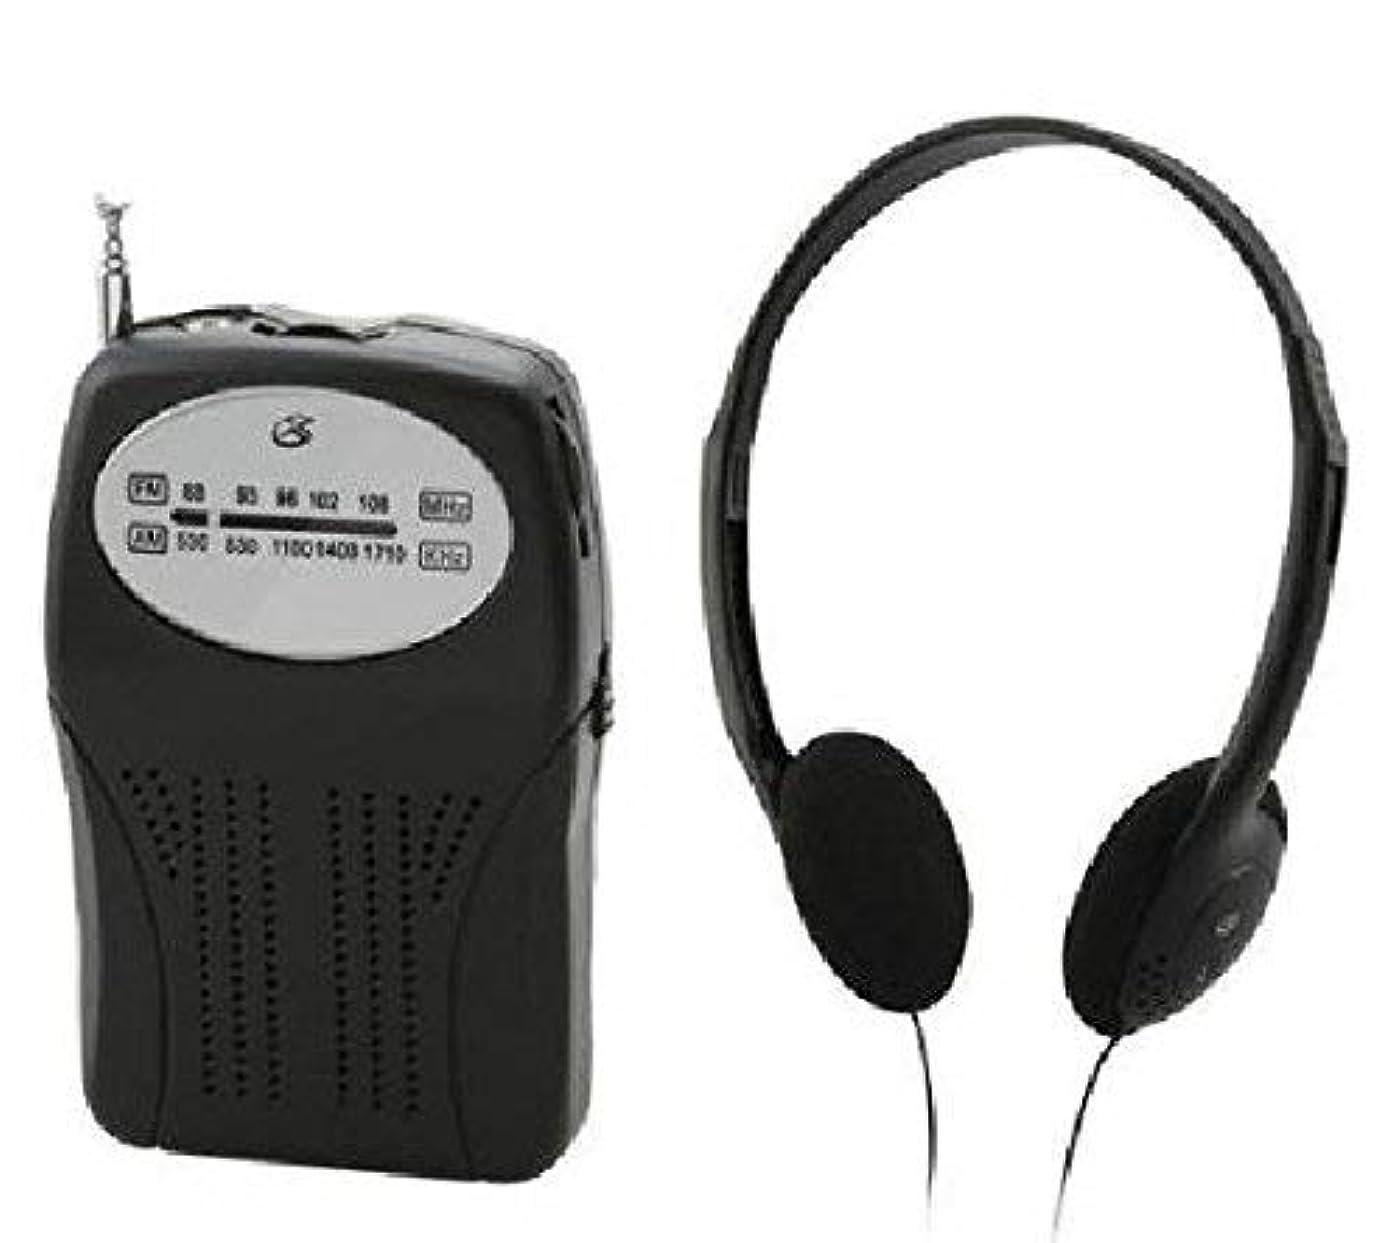 特徴一般的な大声でGPX R116B AM FM ポータブル ラジオ ブラック スピーカーとヘッドフォン付き 2個セット